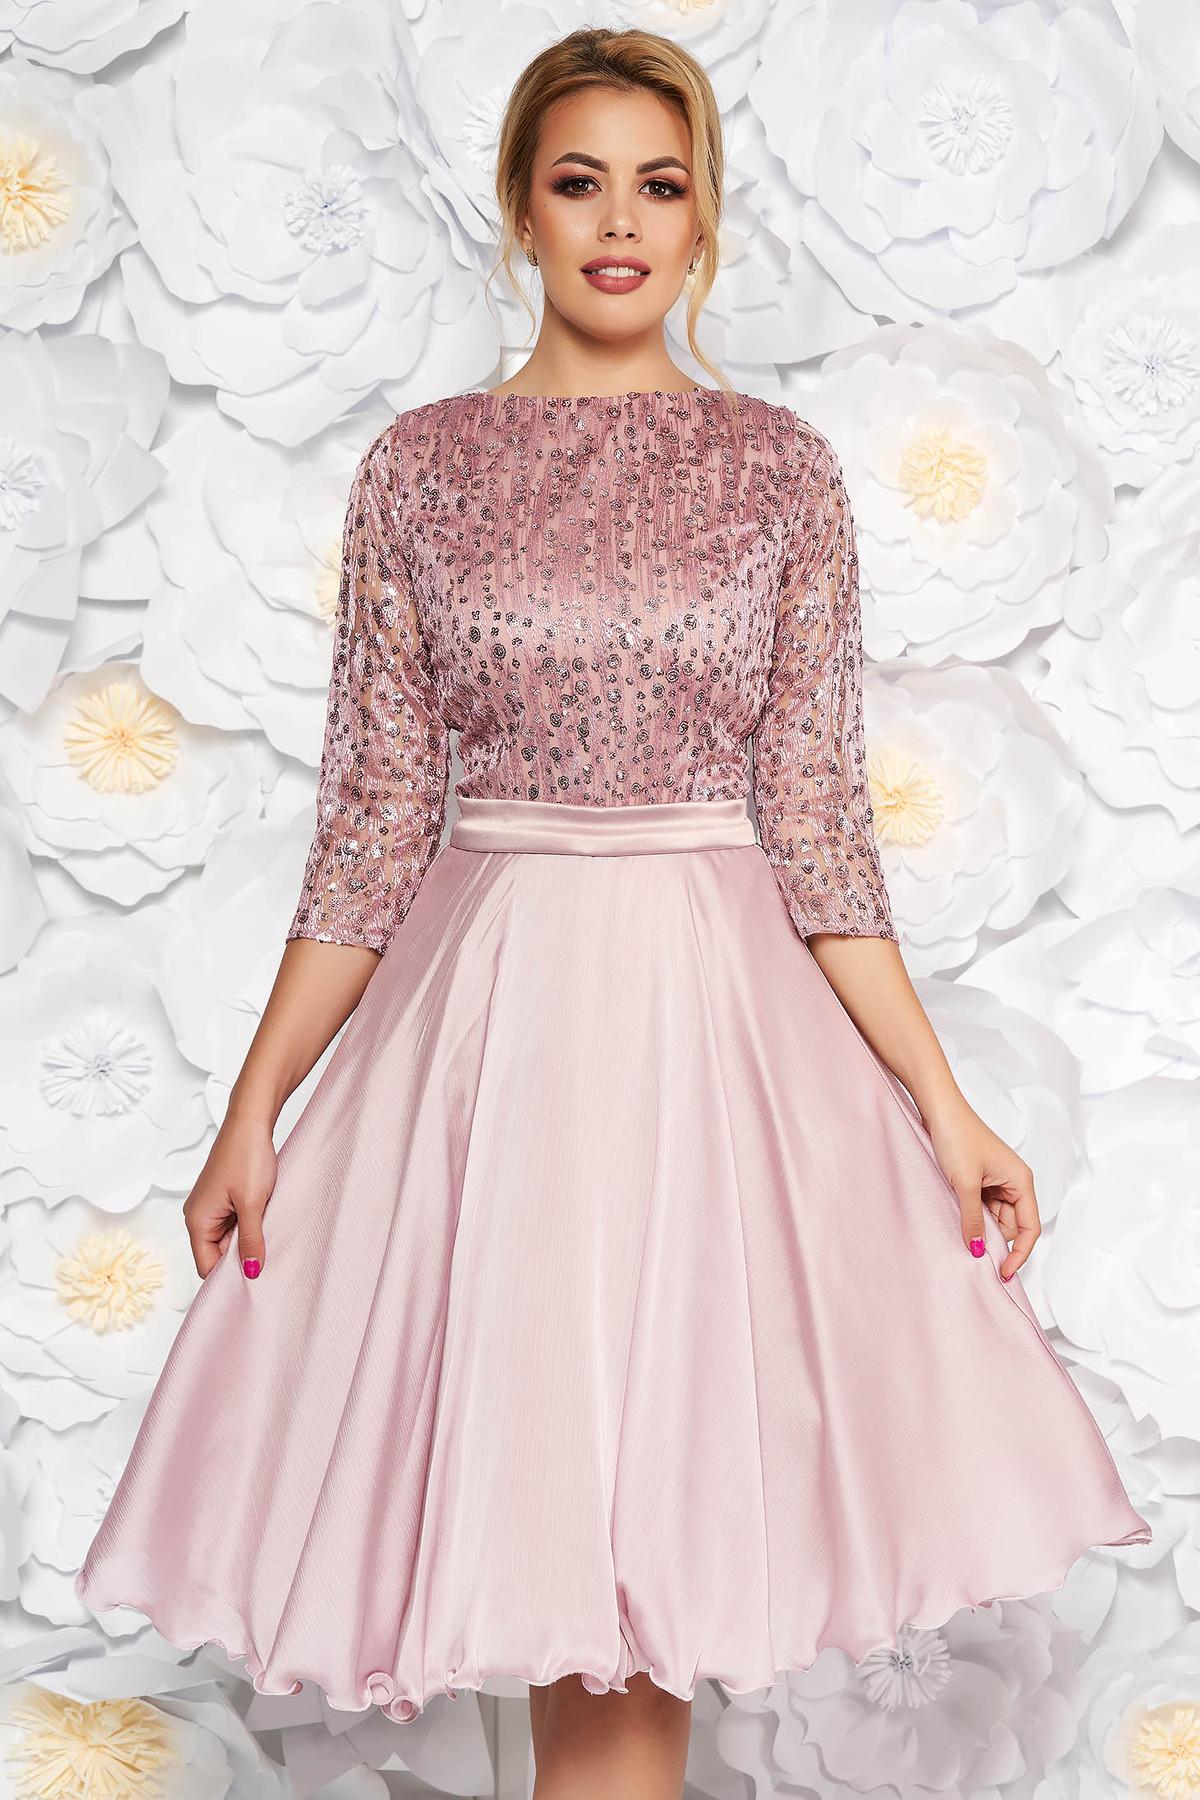 Rochie rosa de ocazie in clos maneci transparente din dantela cu aplicatii cu paiete